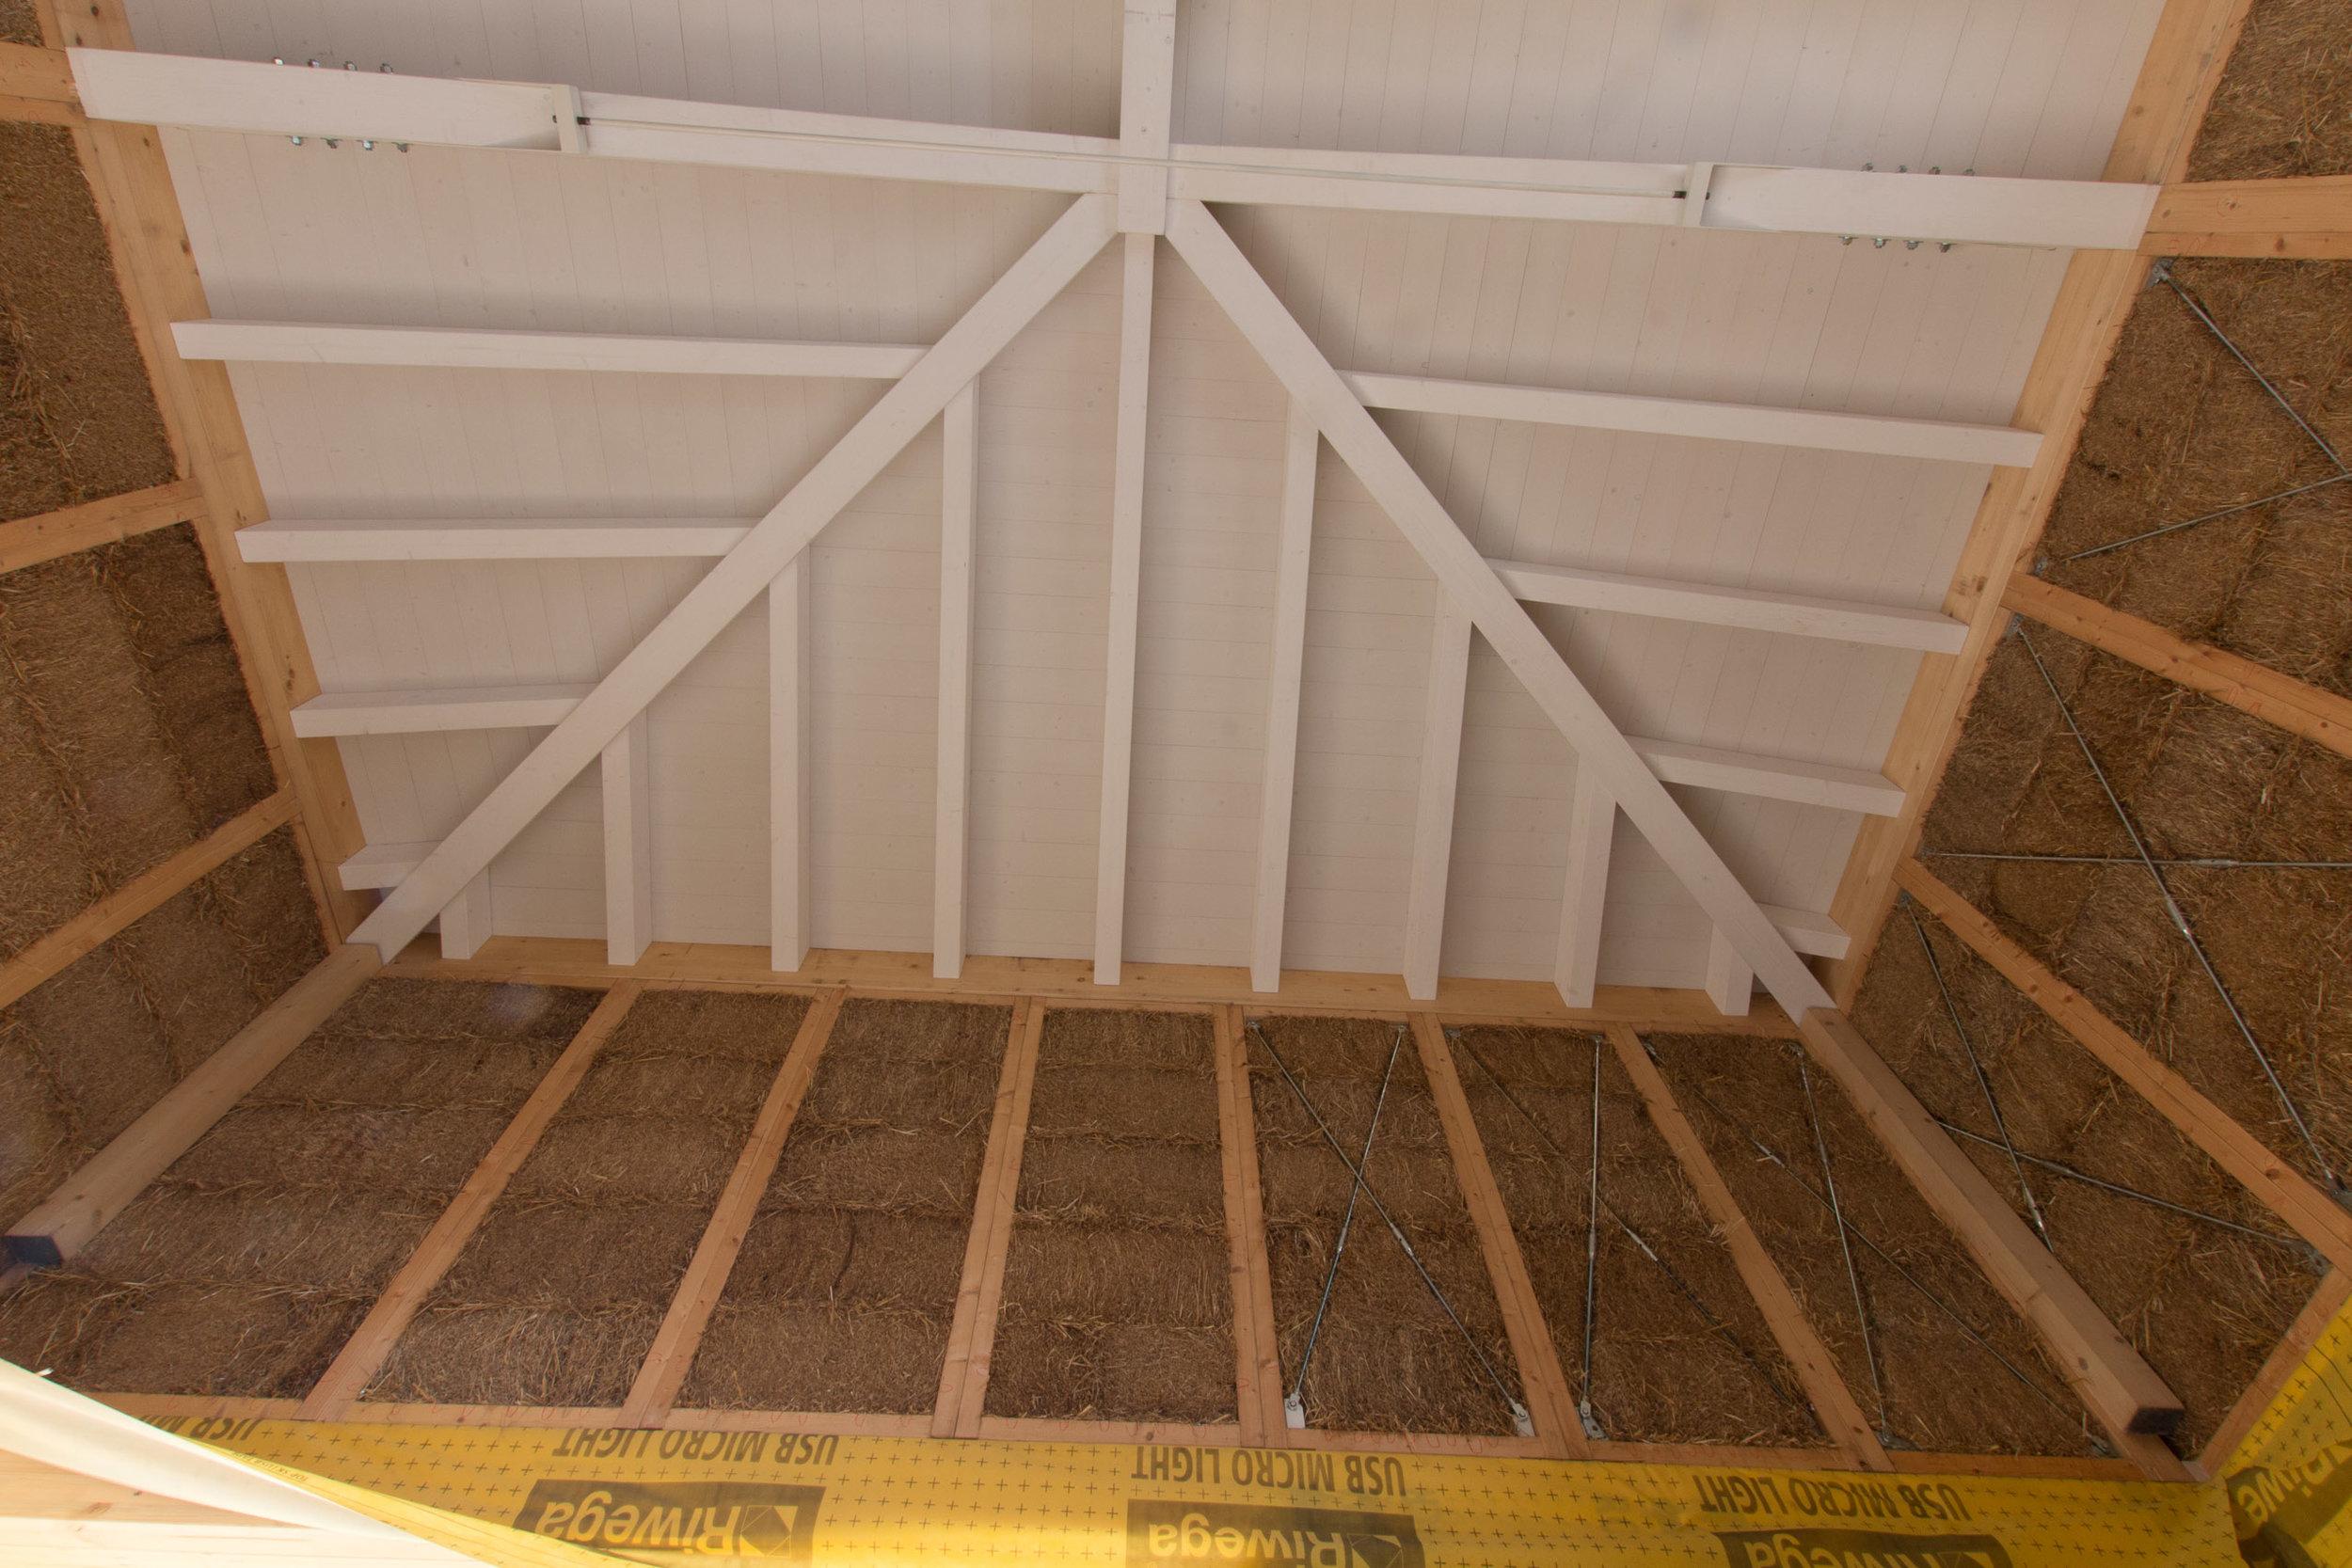 La struttura del tetto in balle paglia ricorda una foglia con le nervature